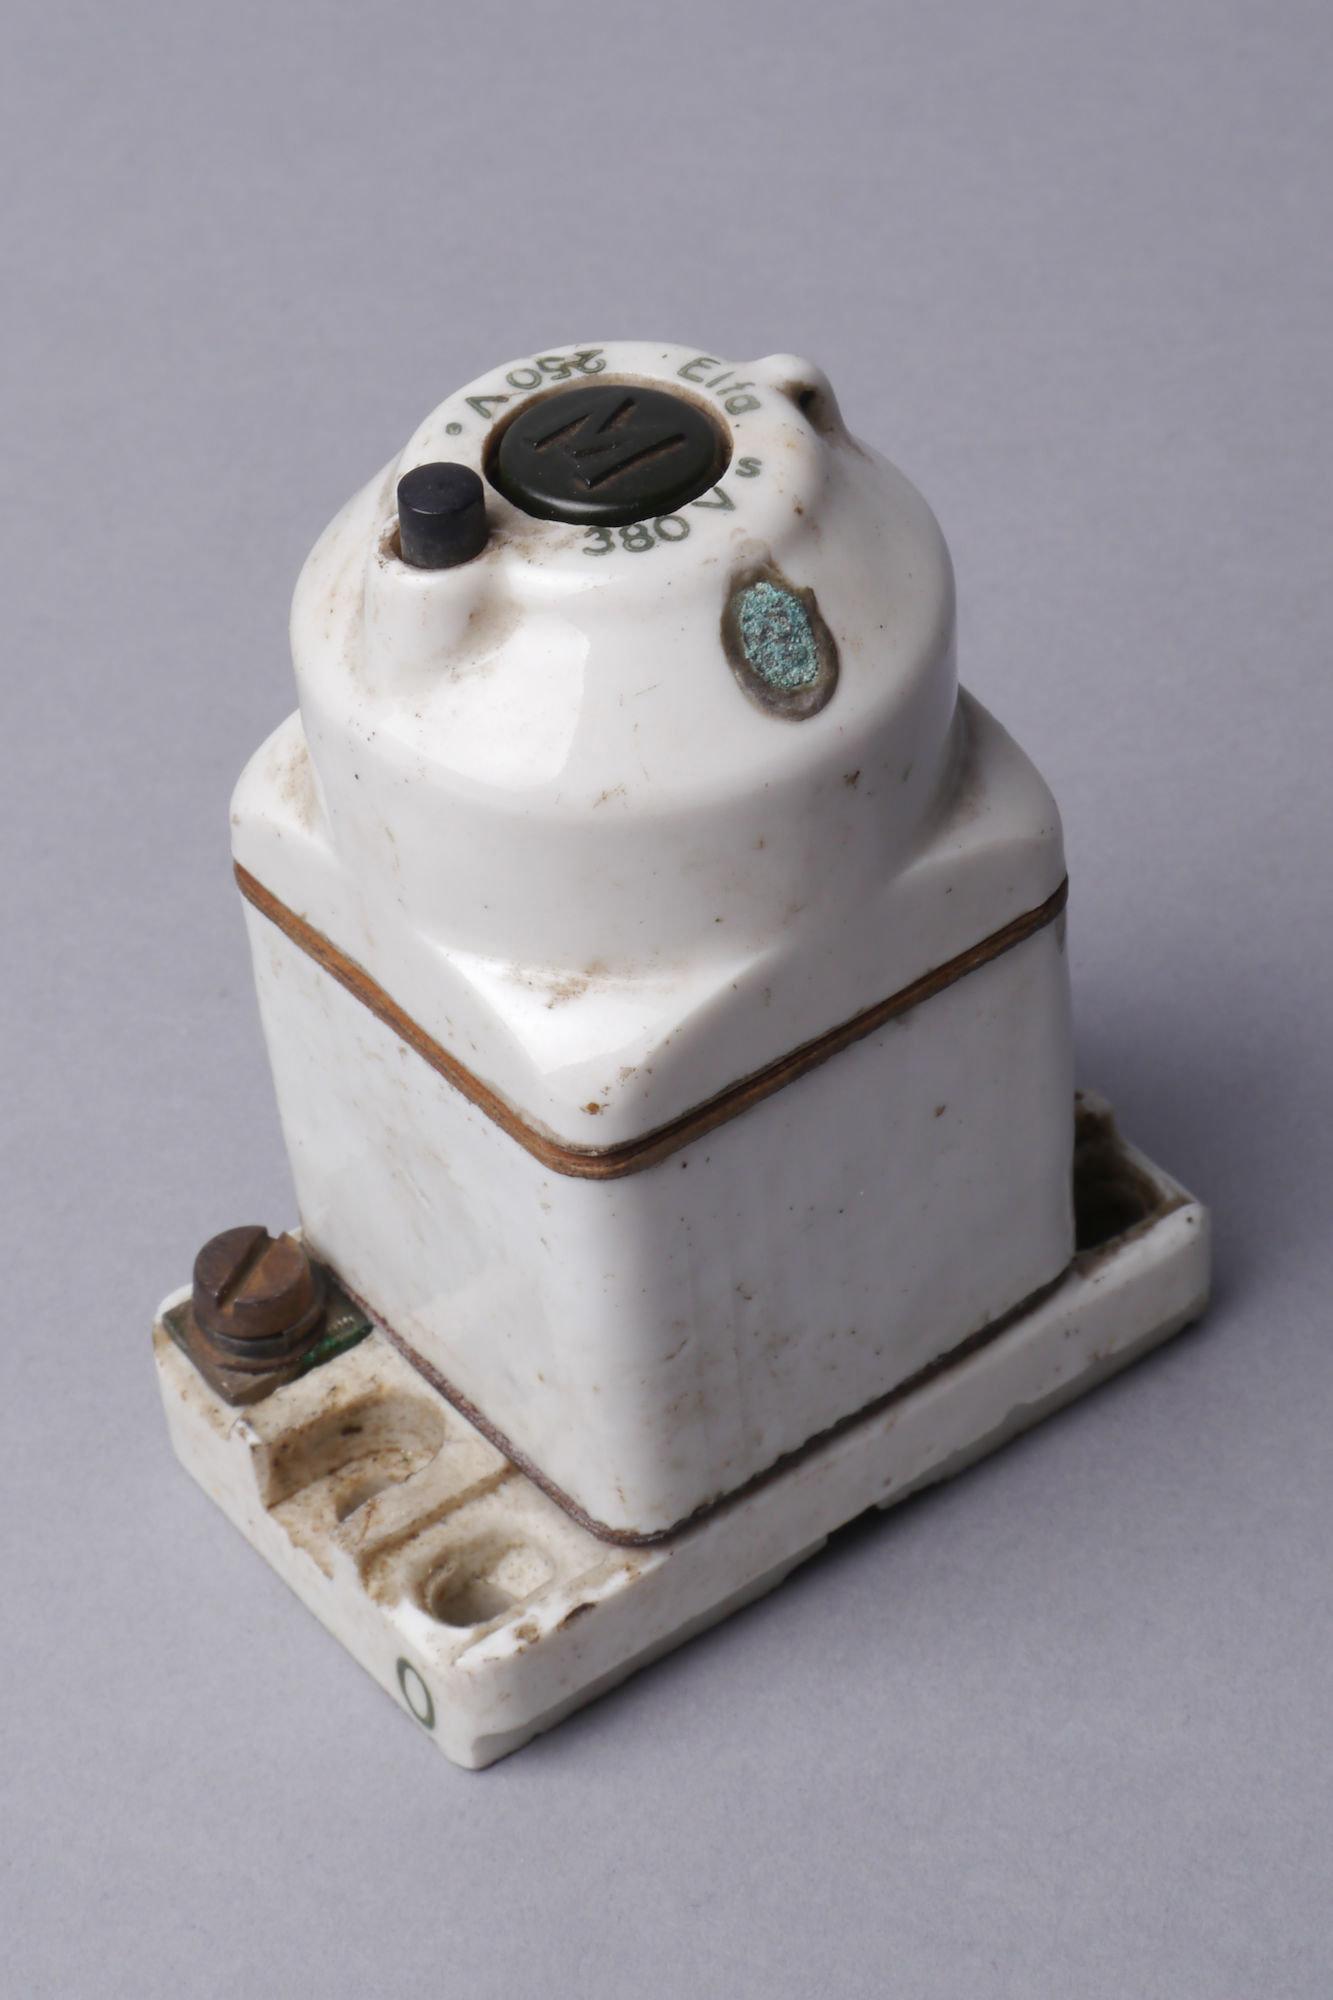 Tweepolige installatieautomaat of zekeringautomaat van het merk Elfa